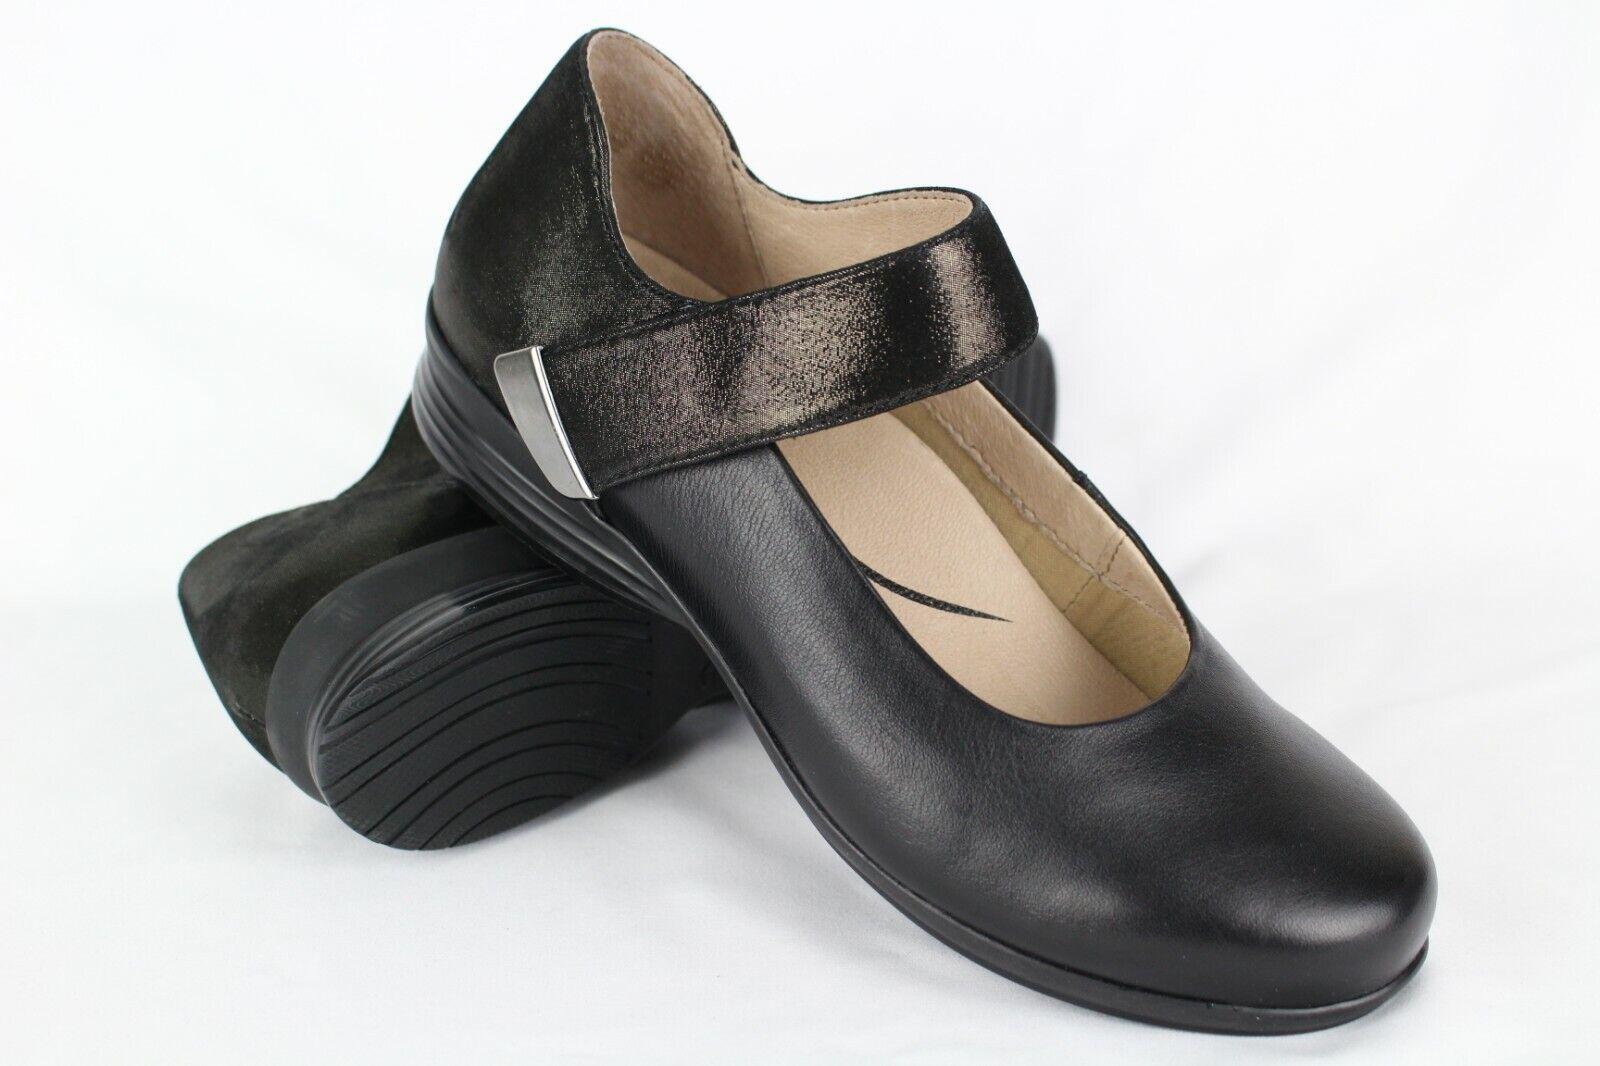 nuovo Dansko Wouomo Audrey Mary Jane Dimensione 40 9.5-10 nero Leather 6701-020202